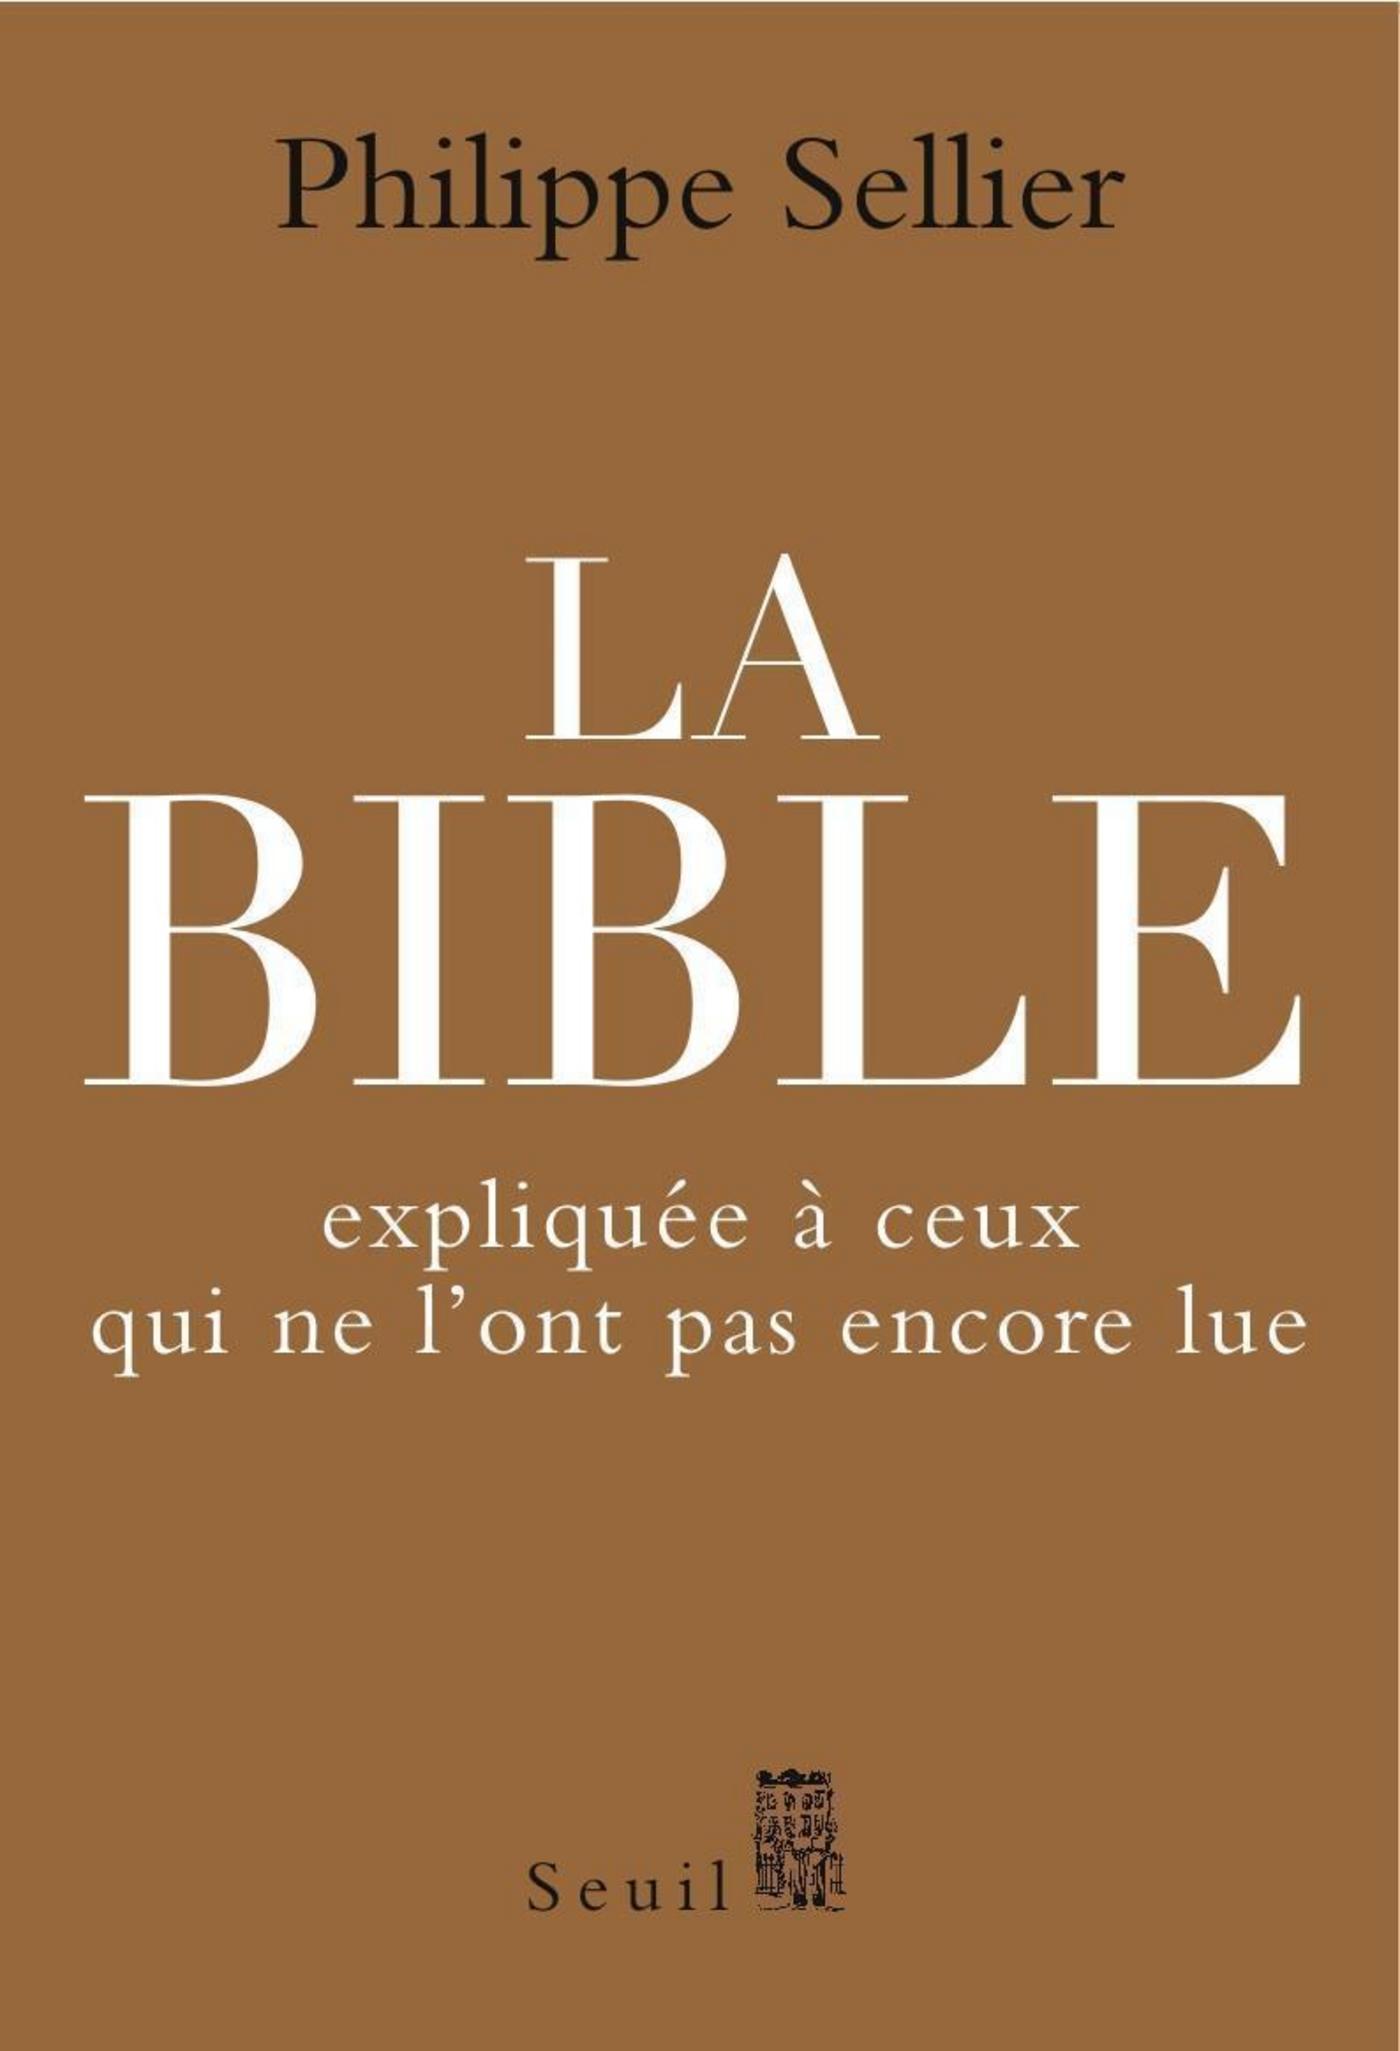 La Bible expliquée à ceux qui ne l'ont pas encore lue